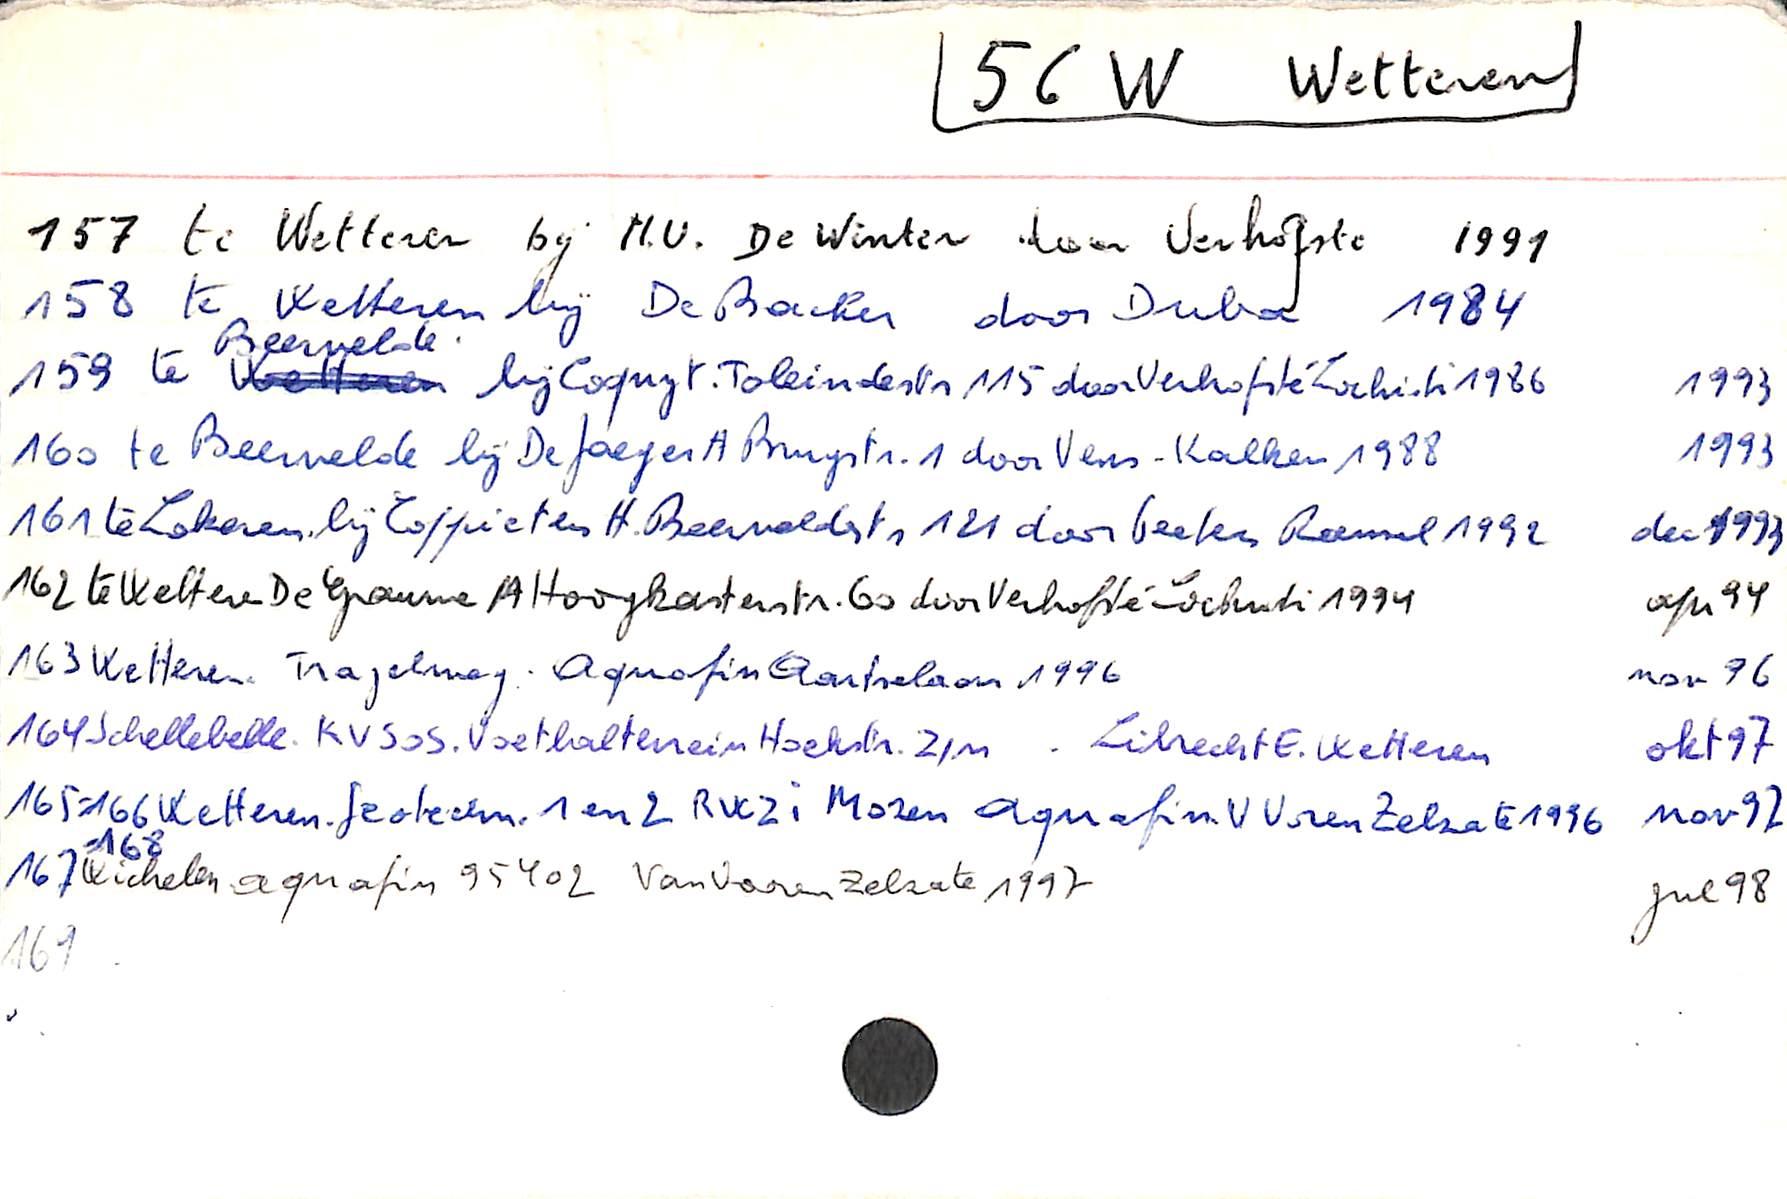 56W 157-161.jpg